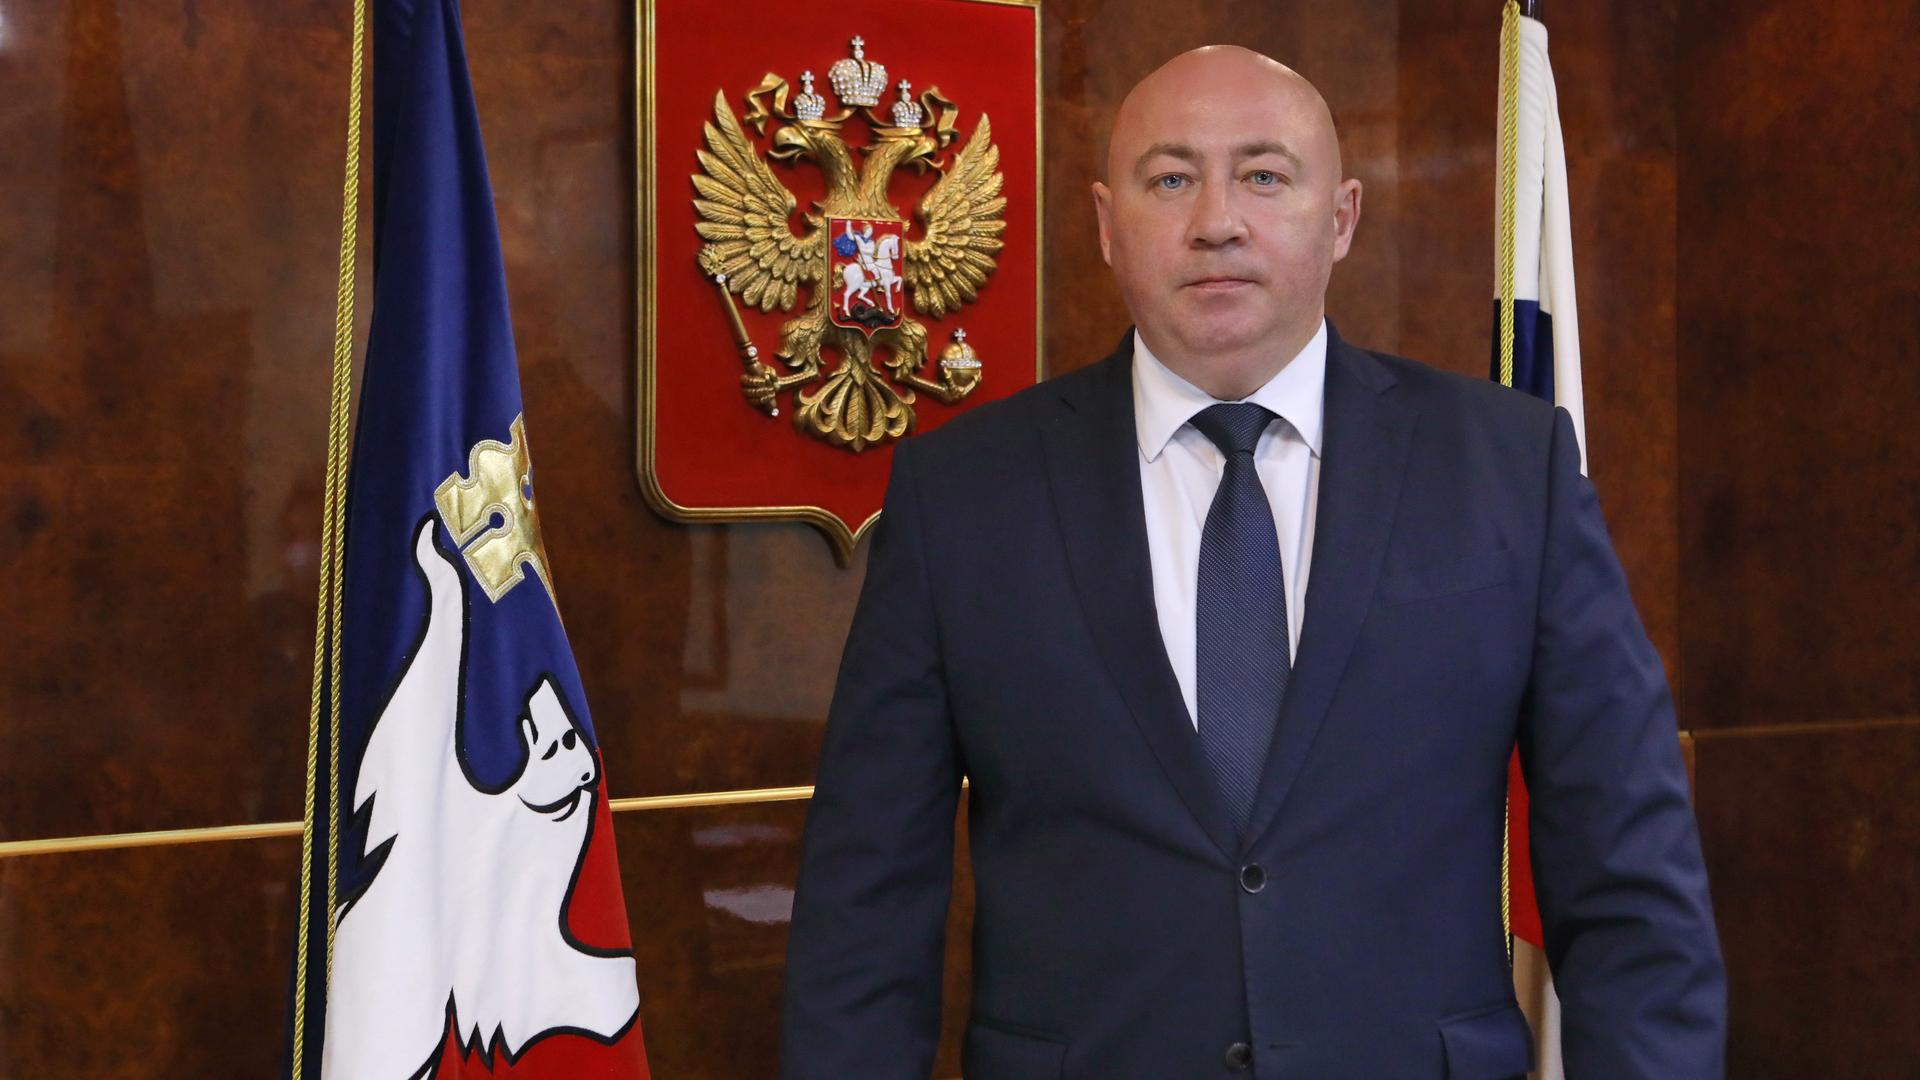 Поздравление исполняющего полномочия главы города Норильска с Днём работника прокуратуры Российской Федерации